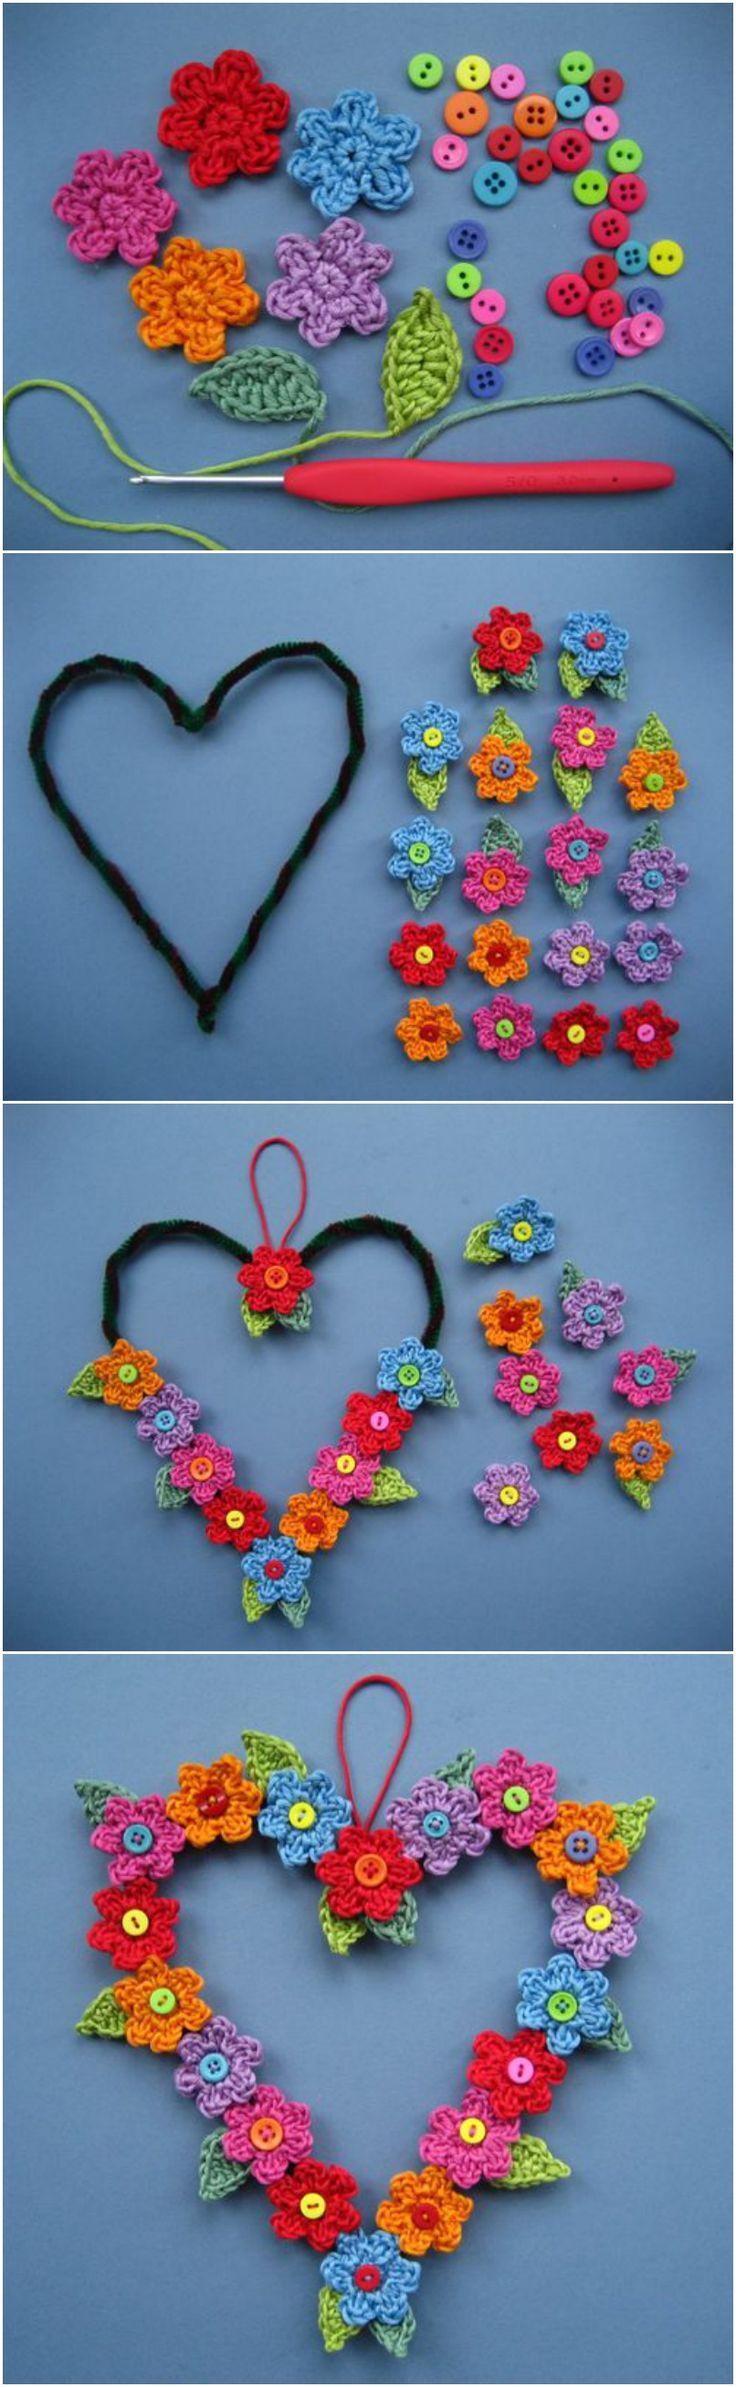 Crochet Sweet Heart Wreath with Free Pattern. #Crochet #Pattern #Wreath